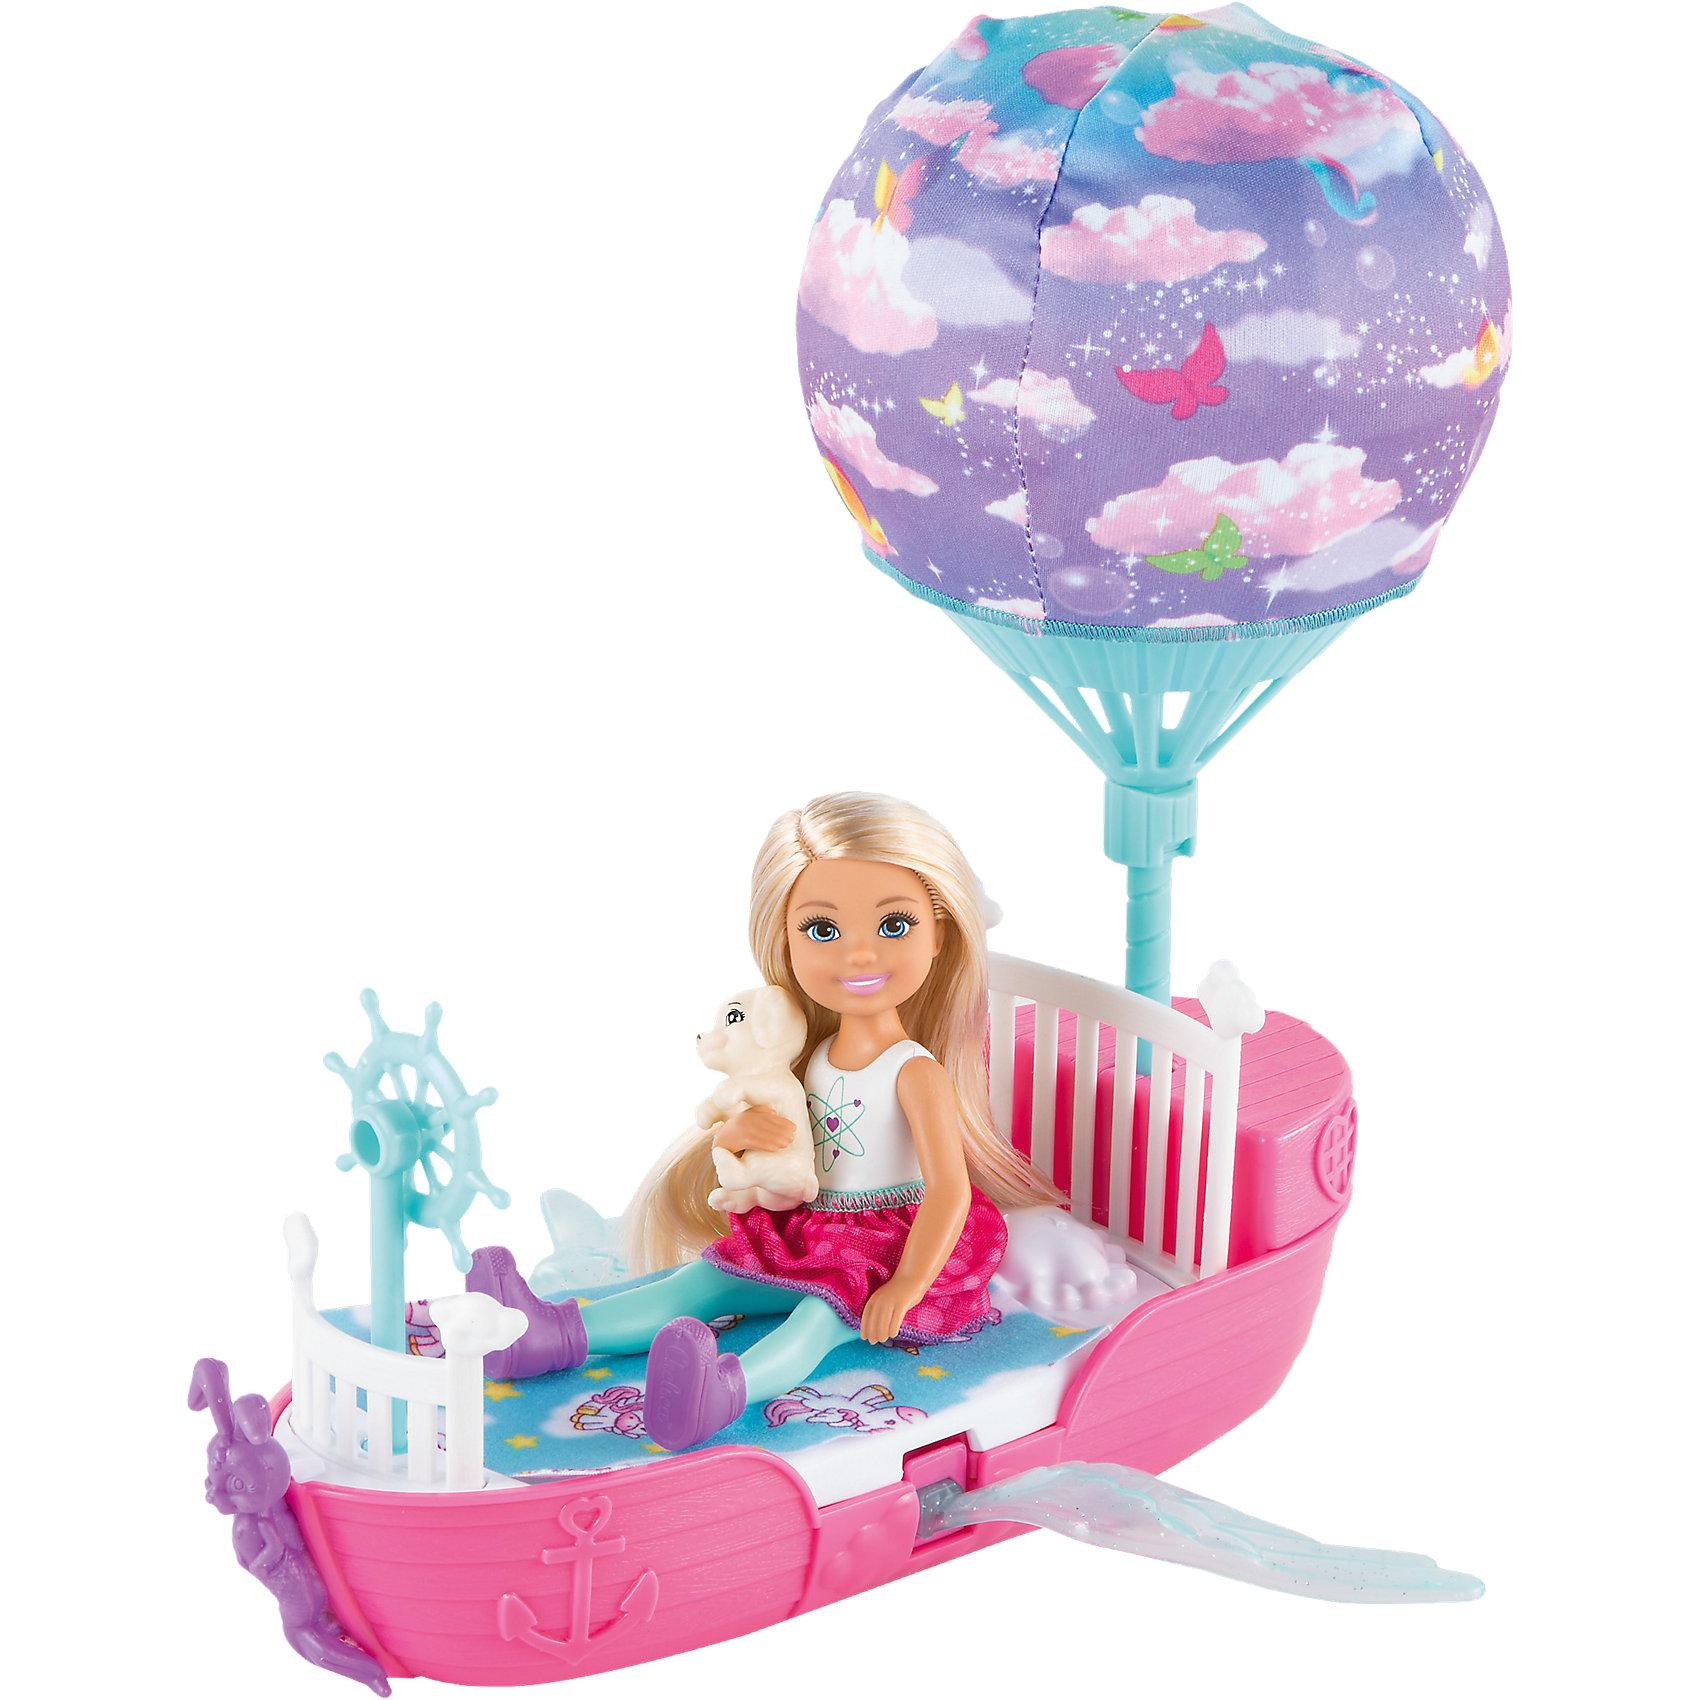 Волшебная кроватка Челси, BarbieBarbie<br>Волшебная кроватка Челси, Barbie (Барби)<br><br>Характеристики:<br><br>• волшебная кроватка превращается в воздушный шар<br>• шар и крылья двигаются<br>• в комплекте: кукла, аксессуары, одежда, кровать, щенок, одеяло<br>• материал: пластик, текстиль<br>• размер упаковки: 31х9х27 см<br>• вес: 591 грамм<br><br>Для самых сладких снов куколка Челси выбрала для себя волшебную кроватку. Если прокатить ее вперед, - крылья и воздушный шар начнут двигаться, превращая кровать в настоящую летающую лодку. И, конечно же, малышка взяла всё самое необходимое для путешествия в страну снов: с ней всегда будет любимый щеночек и уютное одеяло. Кукла одета в красивое яркое платье и стильные кеды. Игрушка поможет девочке проявить свою фантазию и придумать множество историй о путешествиях Челси.<br><br>Волшебную кроватку Челси, Barbie (Барби) вы можете купить в нашем интернет-магазине.<br><br>Ширина мм: 307<br>Глубина мм: 266<br>Высота мм: 91<br>Вес г: 487<br>Возраст от месяцев: 36<br>Возраст до месяцев: 72<br>Пол: Женский<br>Возраст: Детский<br>SKU: 5257133